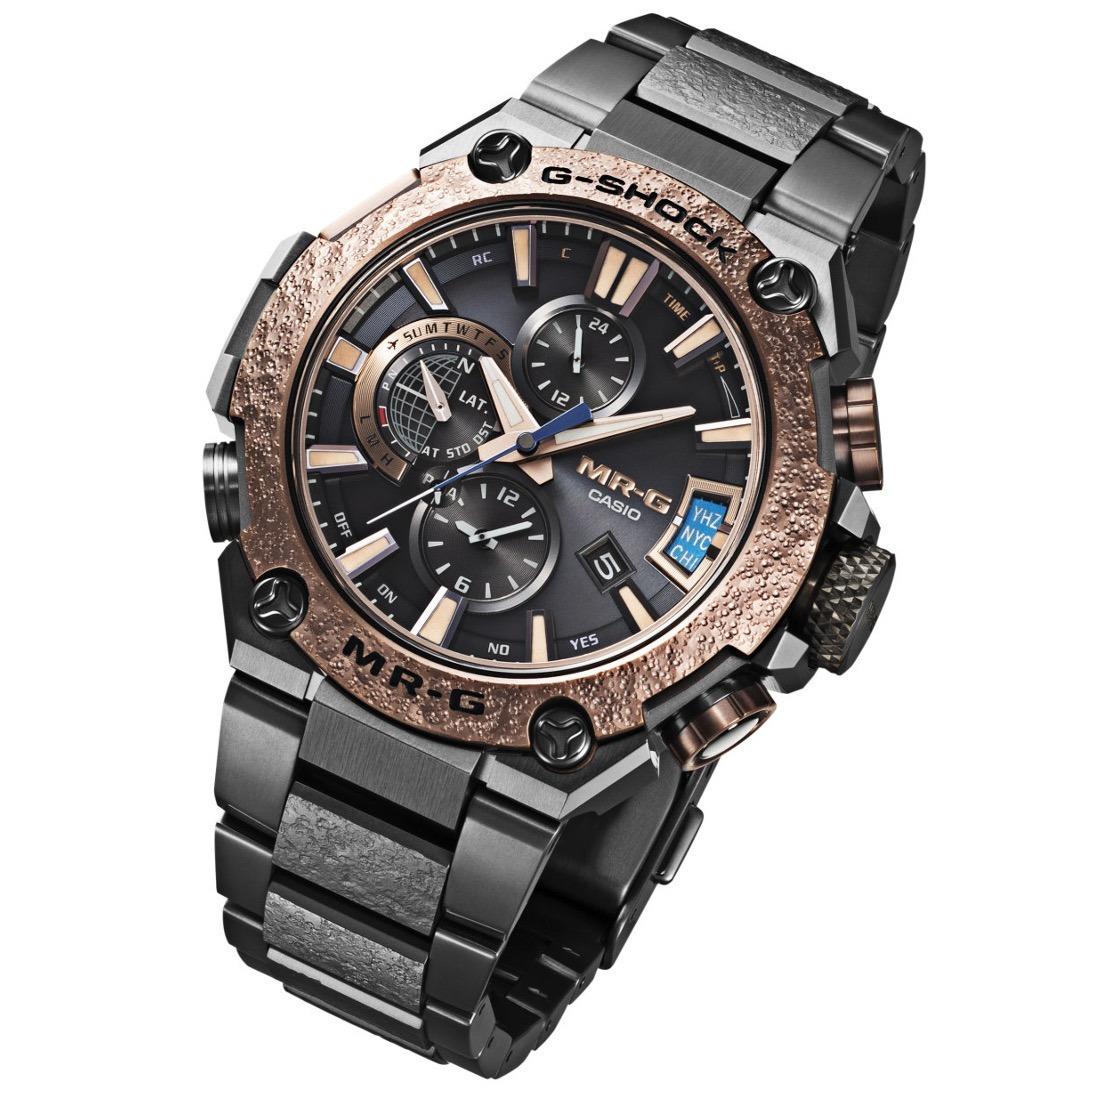 4376c7fffbf relogio casio g-shock mr-g basel limited edition titanium. Carregando zoom.